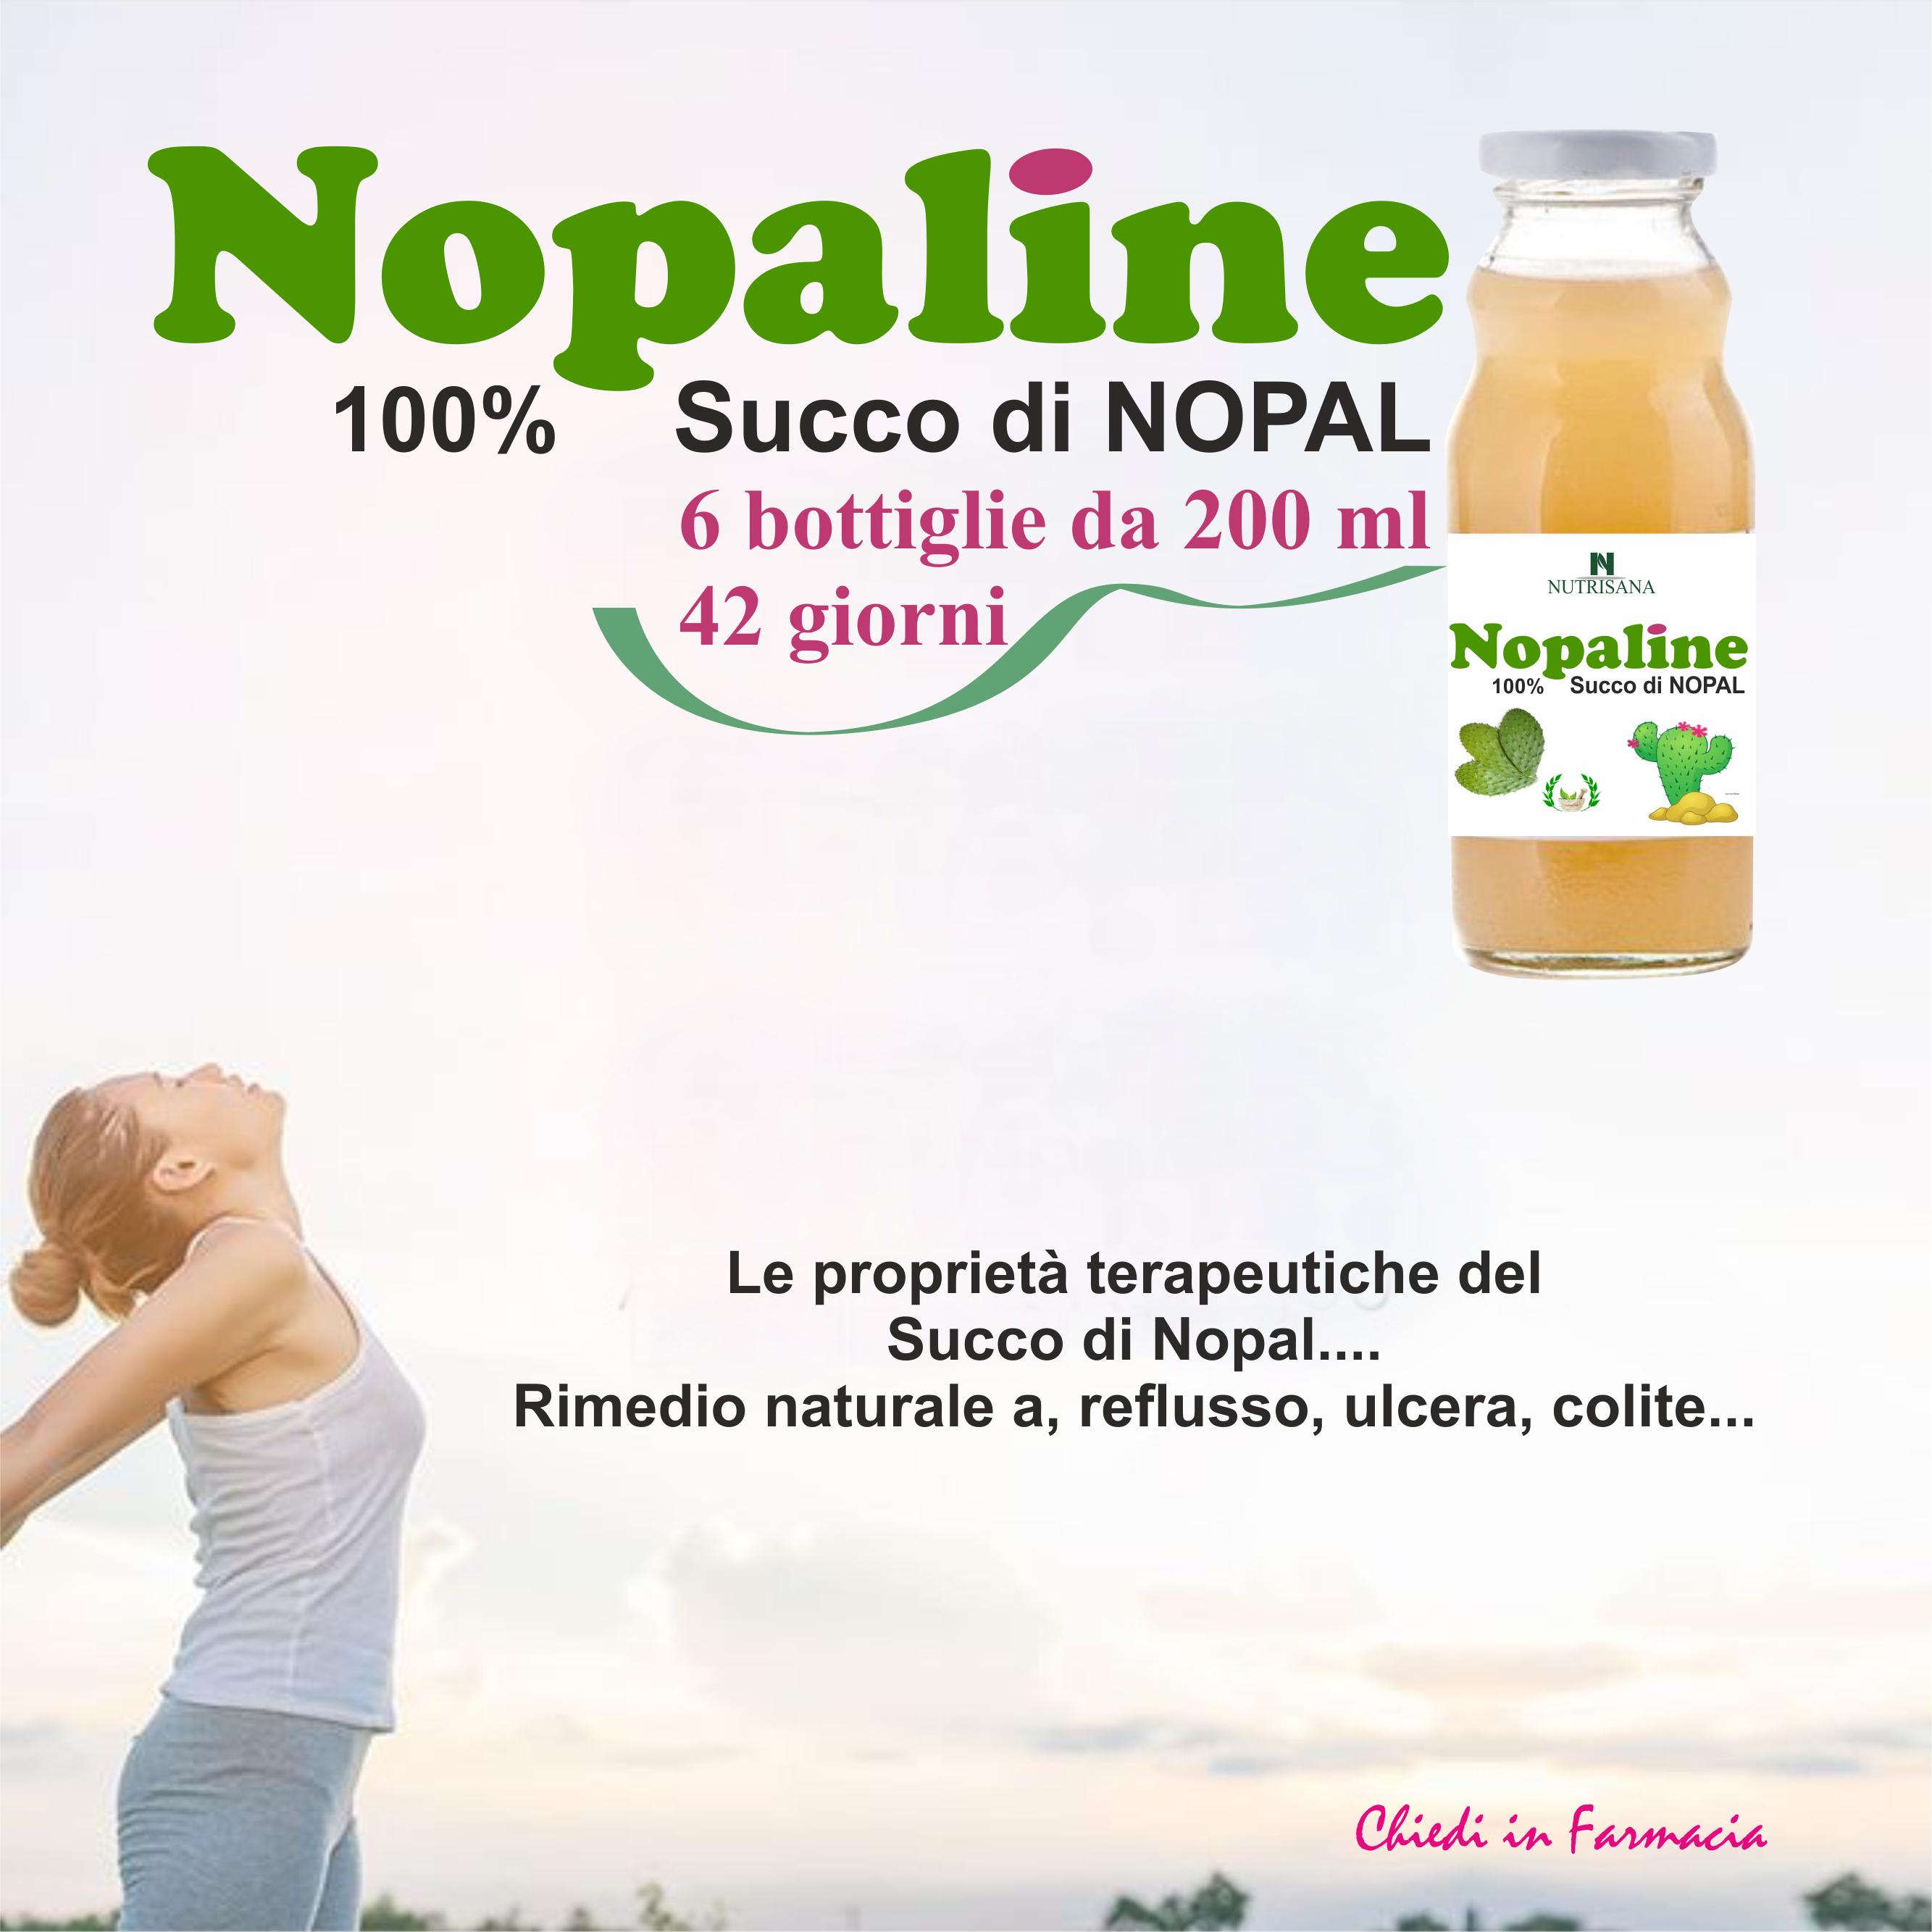 Nopaline - succo di Nopal 100% naturale - Bioverde..